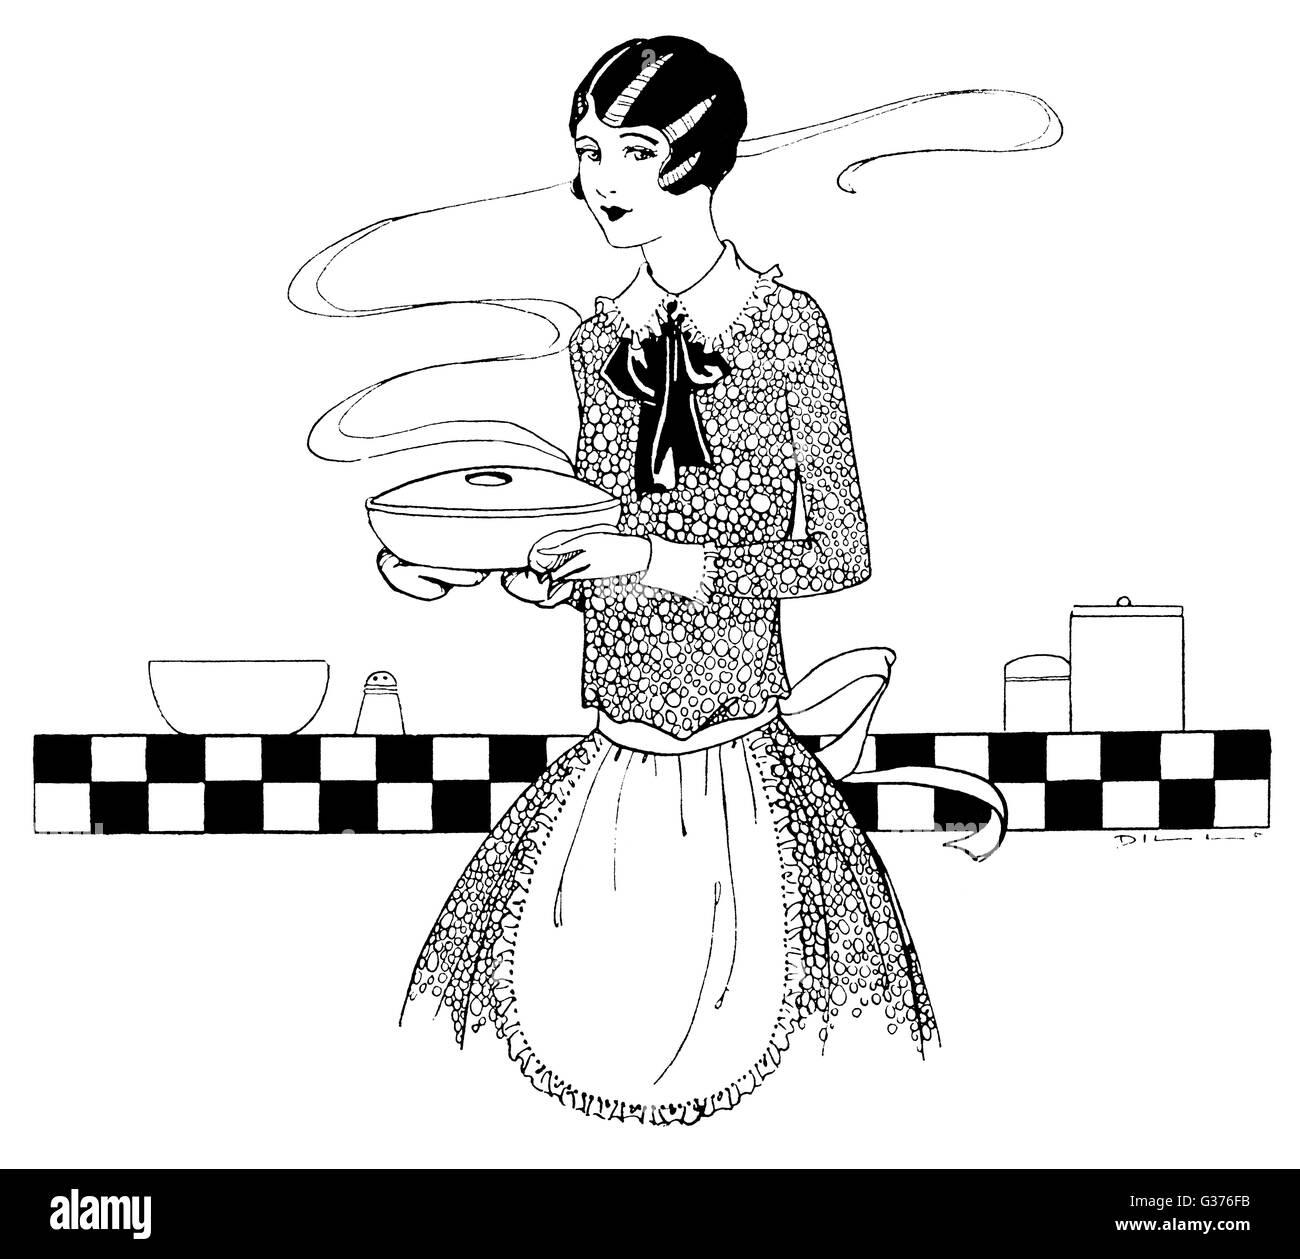 Ella lleva la cazuela y ella acaba de preparar y espera que a la gente le gusta... Fecha: 1927 Imagen De Stock